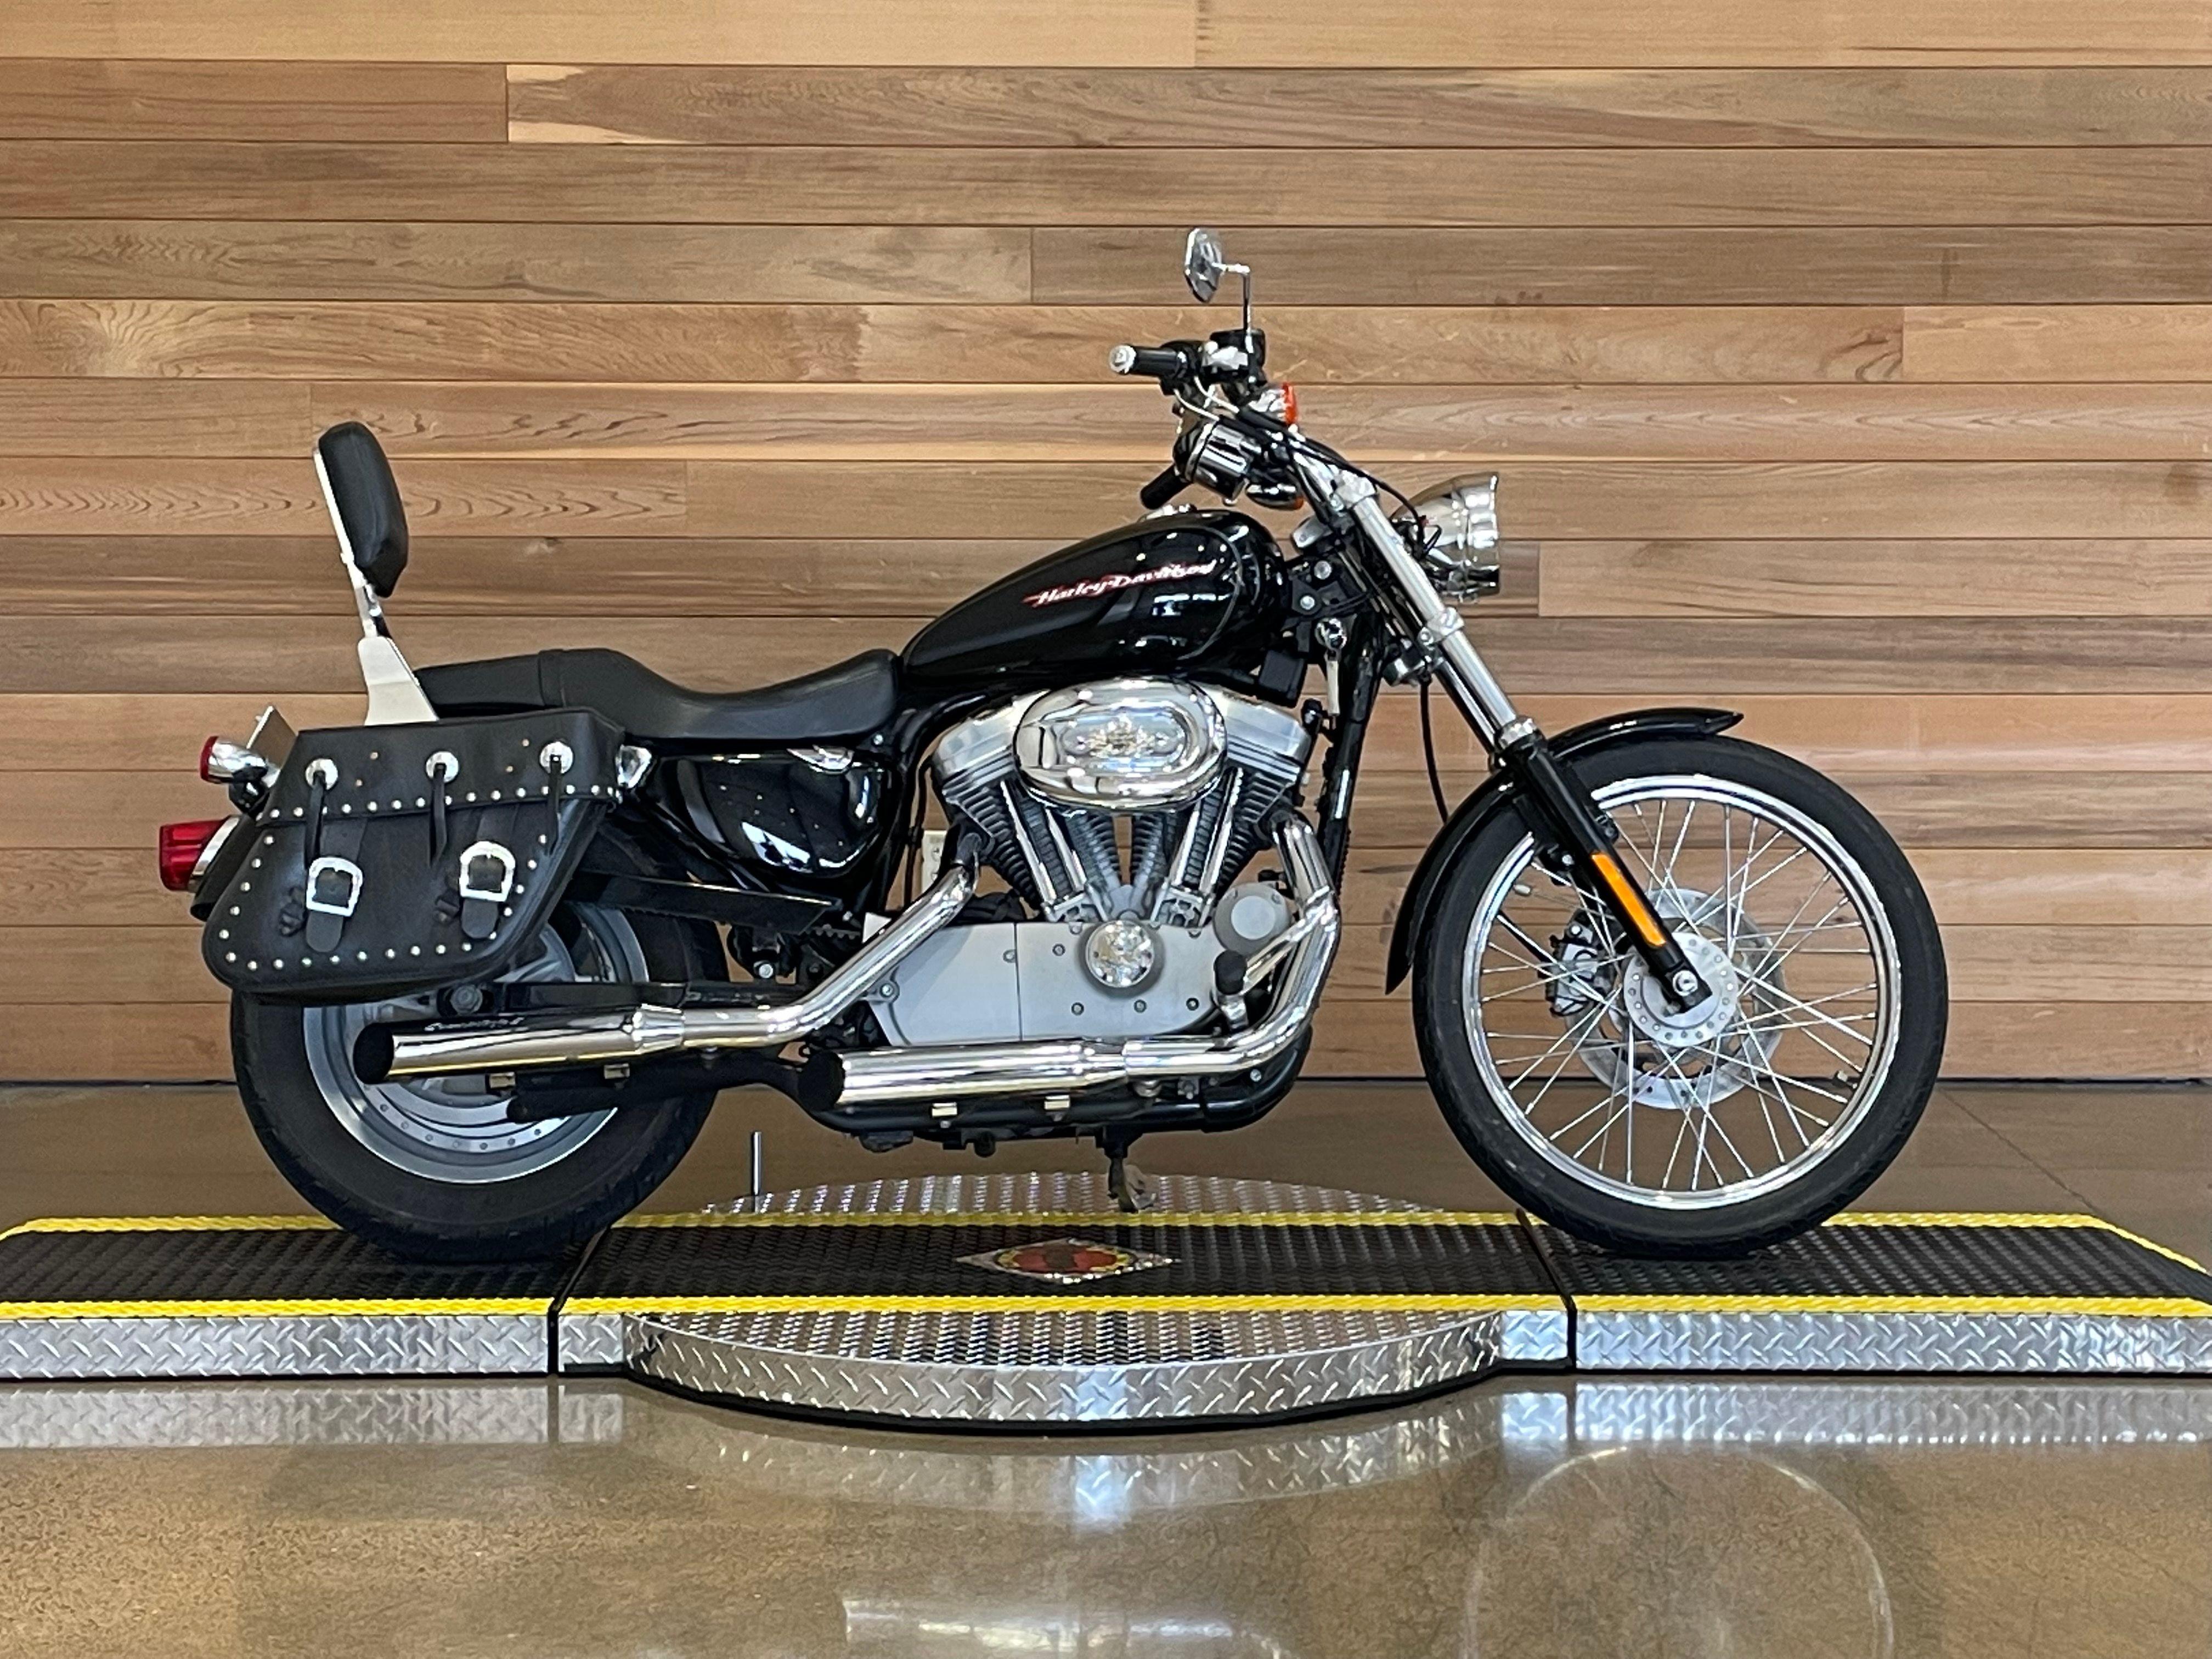 2005 Harley-Davidson 883 Custom